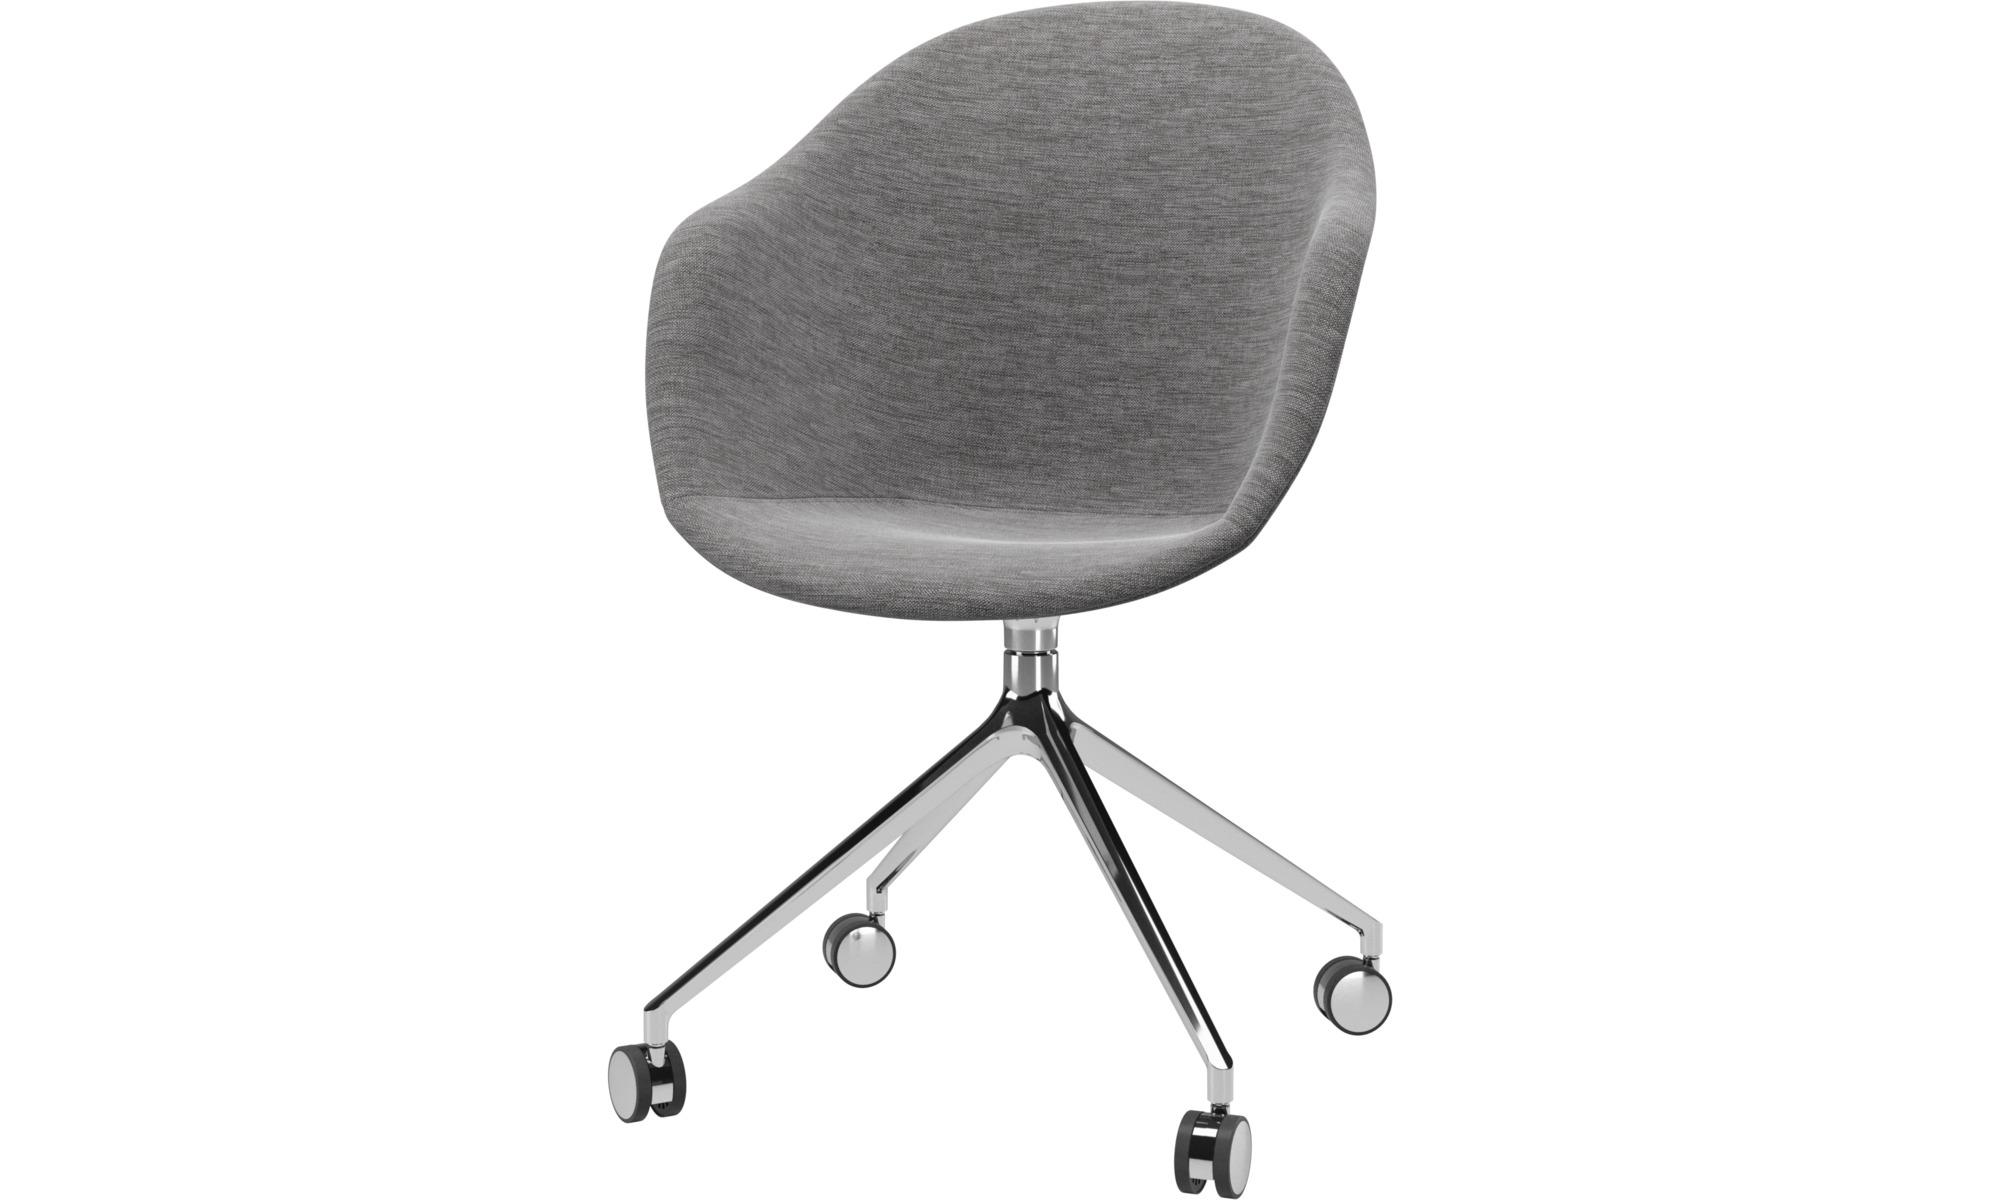 Cadeiras de secretária para Home office - Cadeira Adelaide giratória com rodas - Cinza - Tecido